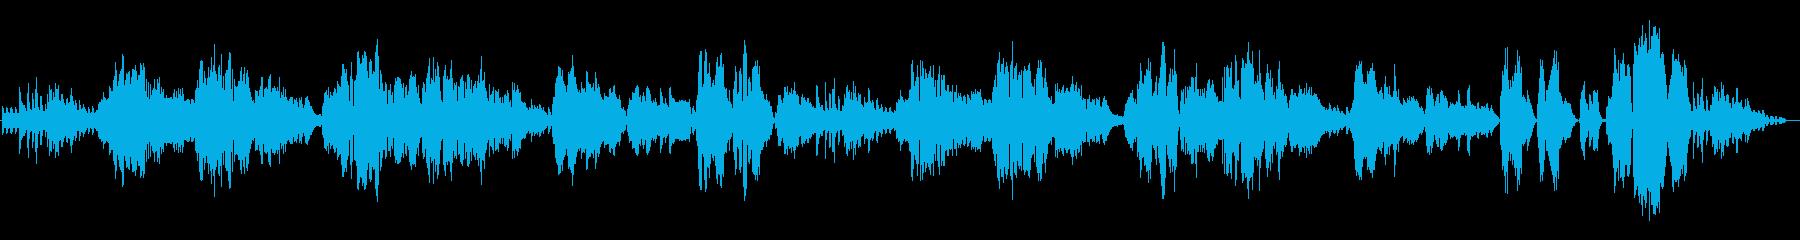 疾走感のあるカンツォーネ・ナポレターナの再生済みの波形